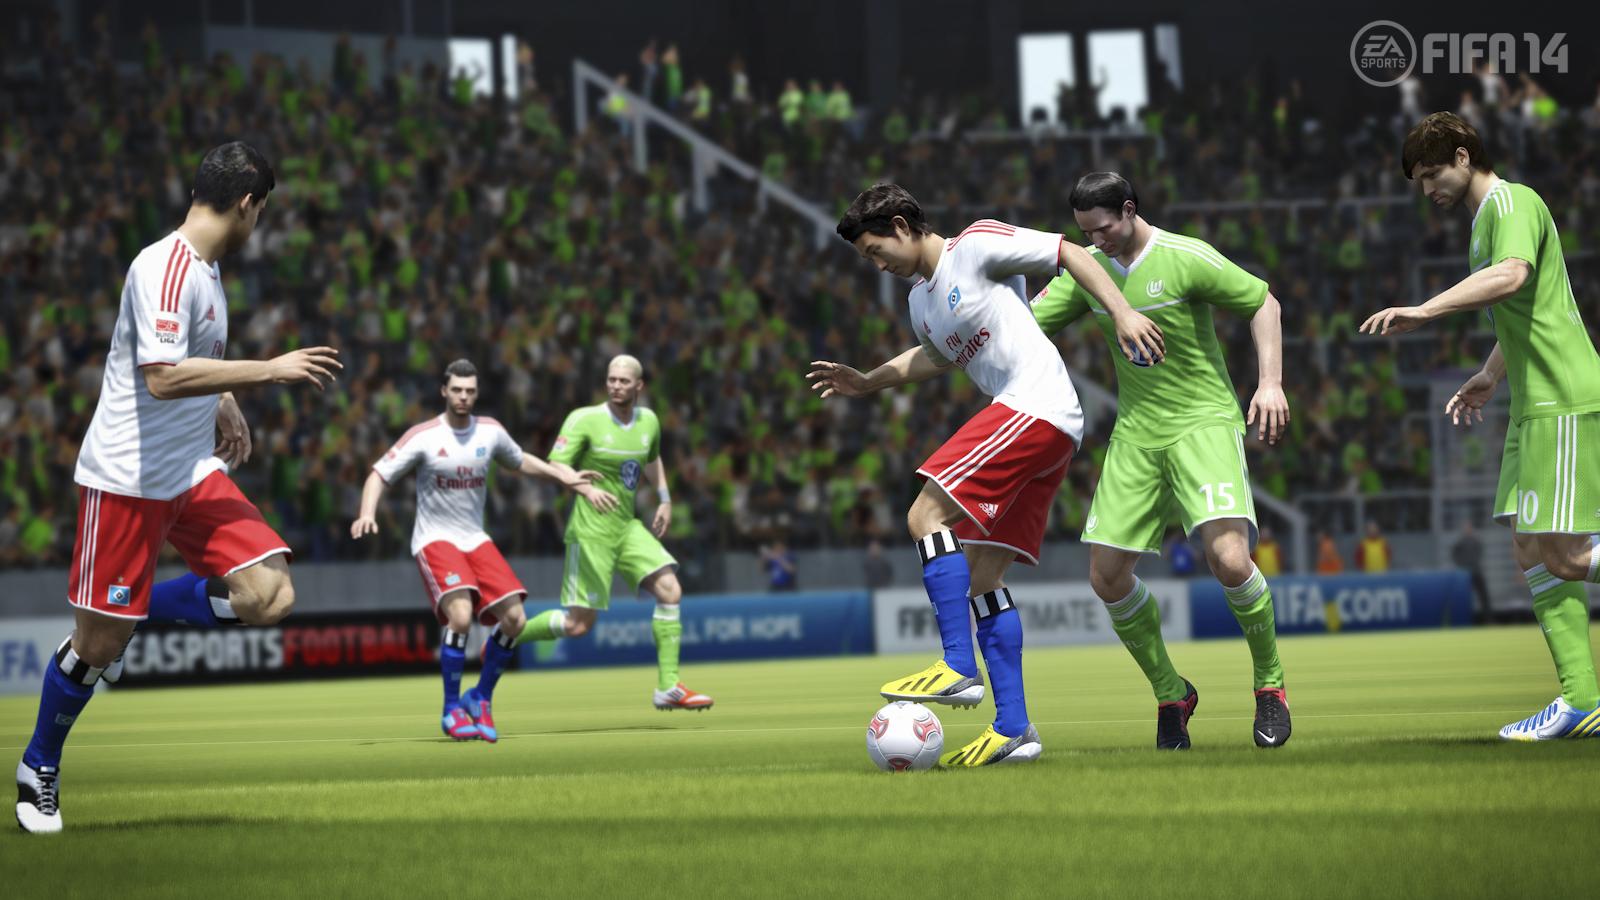 Emergen detalles de lo nuevo que tendrá FIFA 14 [Anuncios]